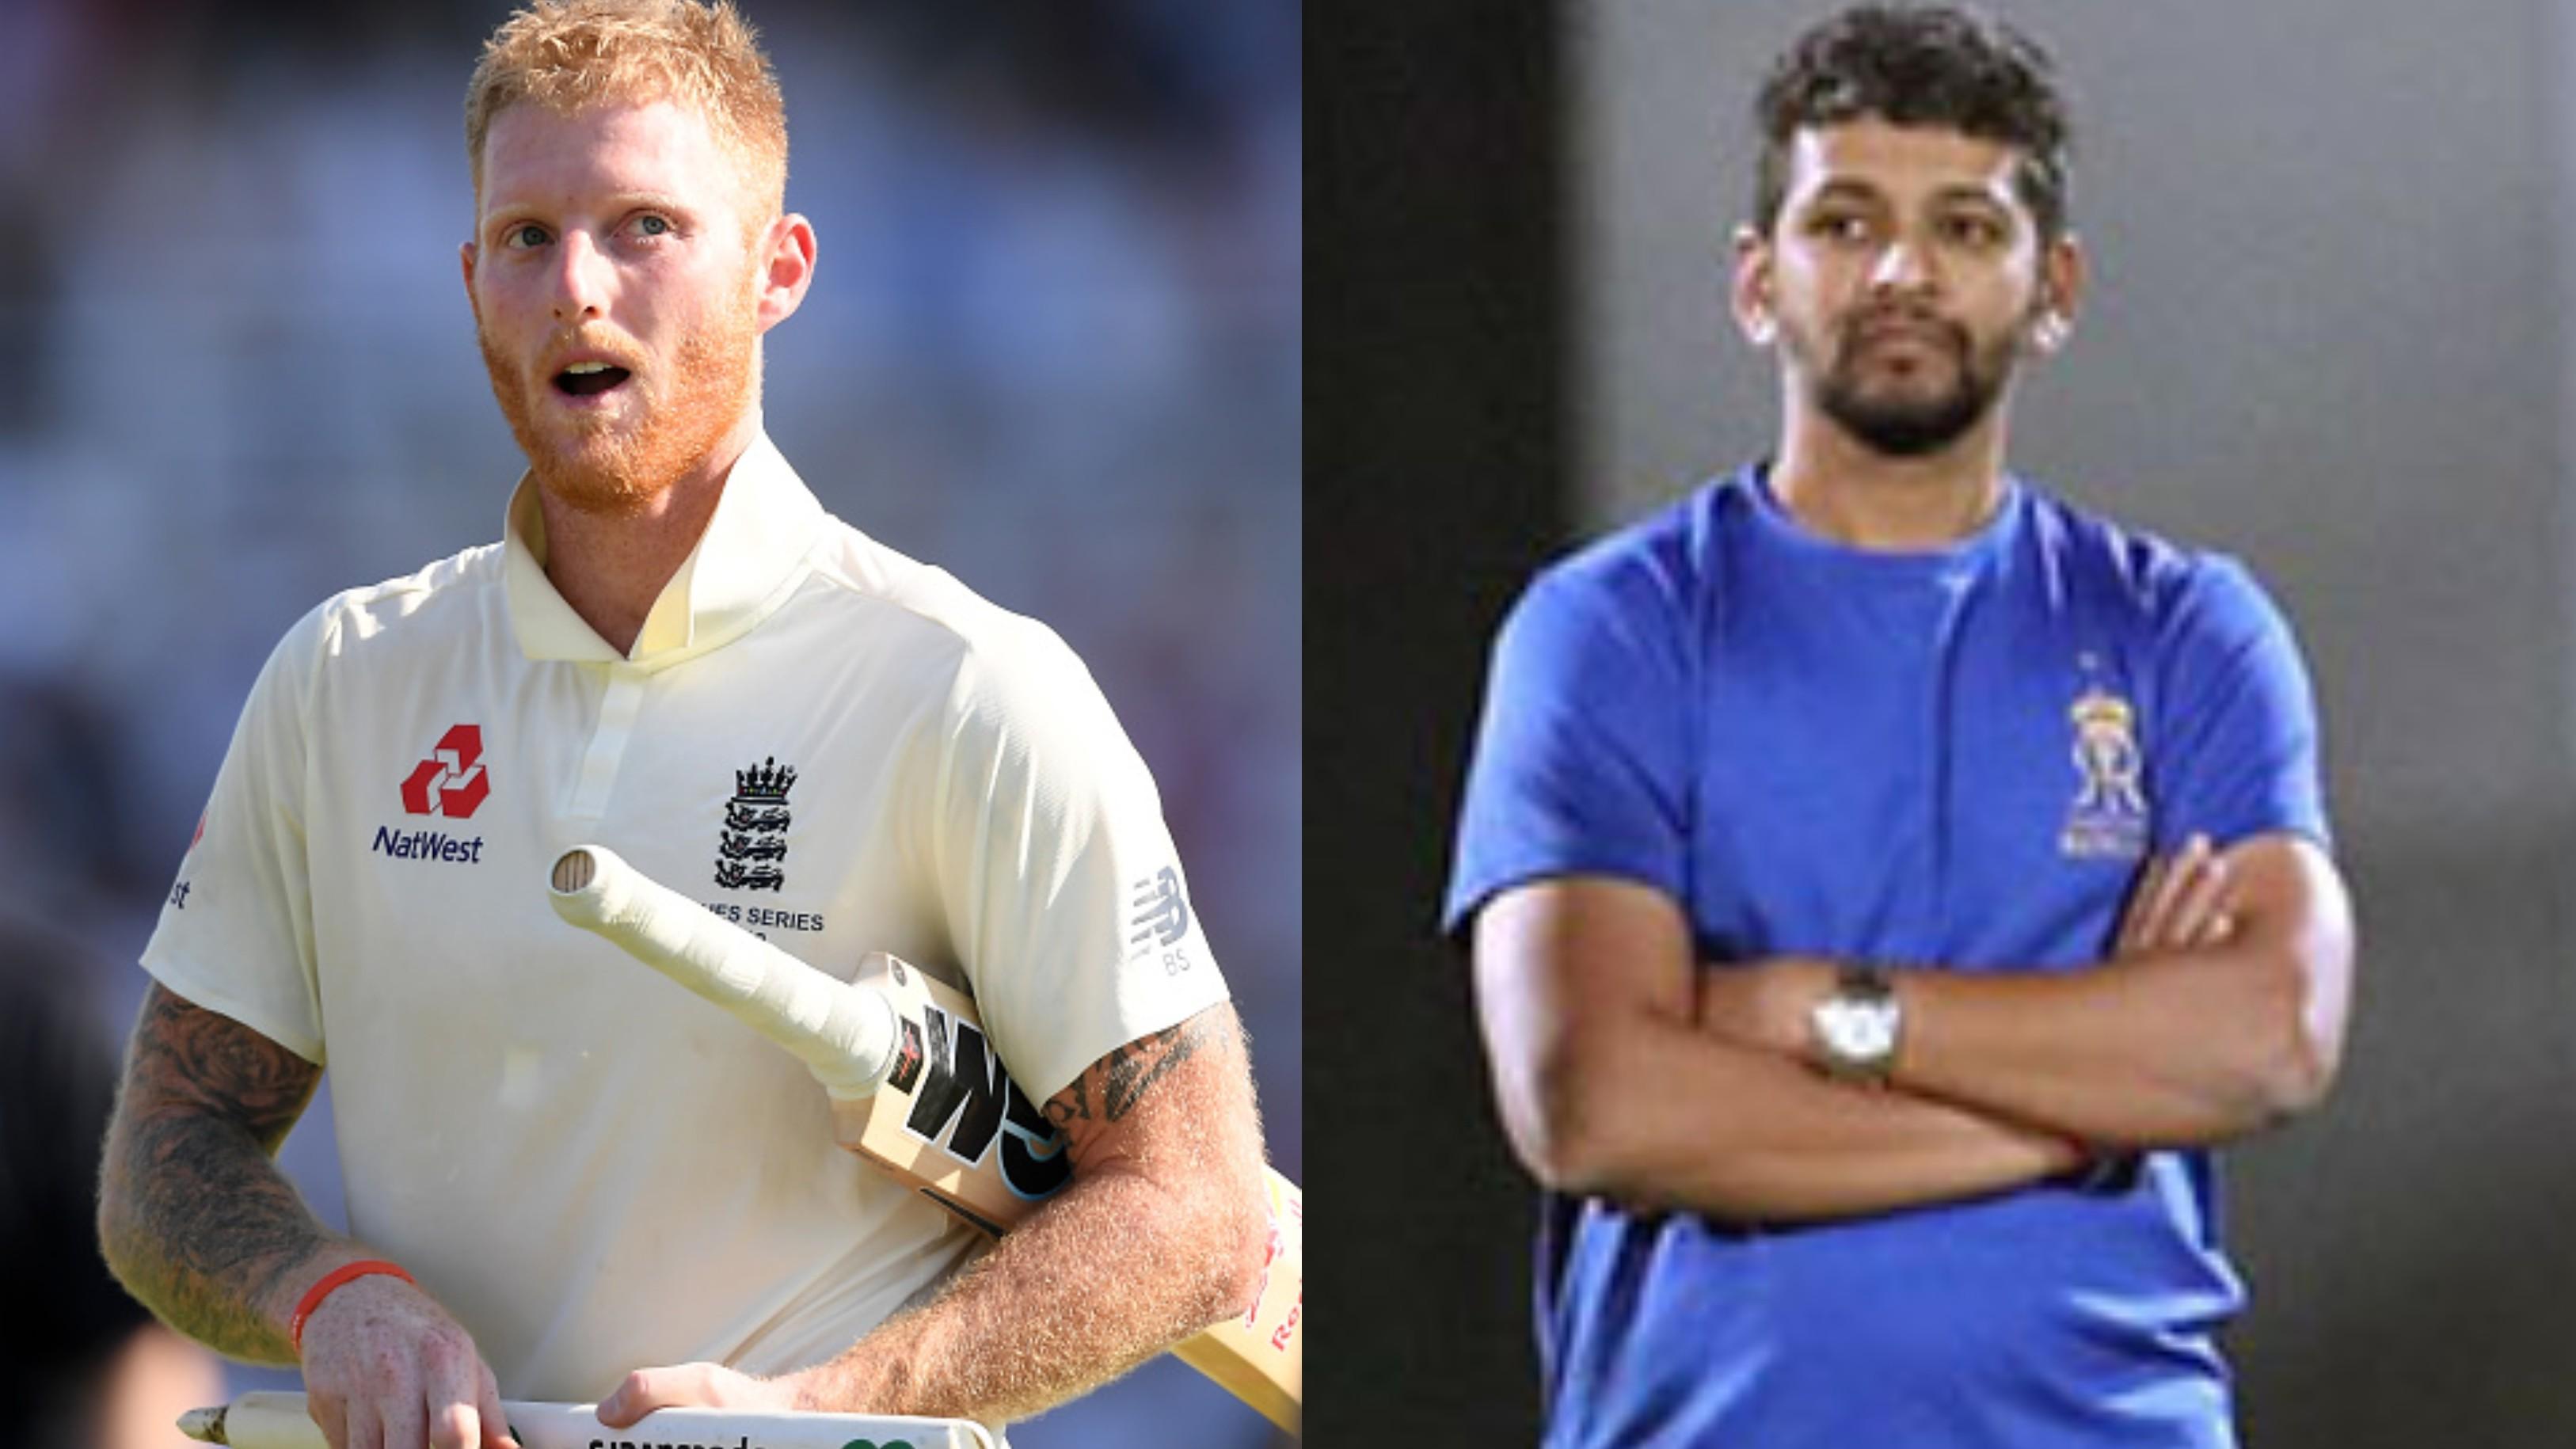 Ashes 2019: Rajasthan Royals batting coach Amol Muzumdar recalls Ben Stokes' hard work in training during IPL